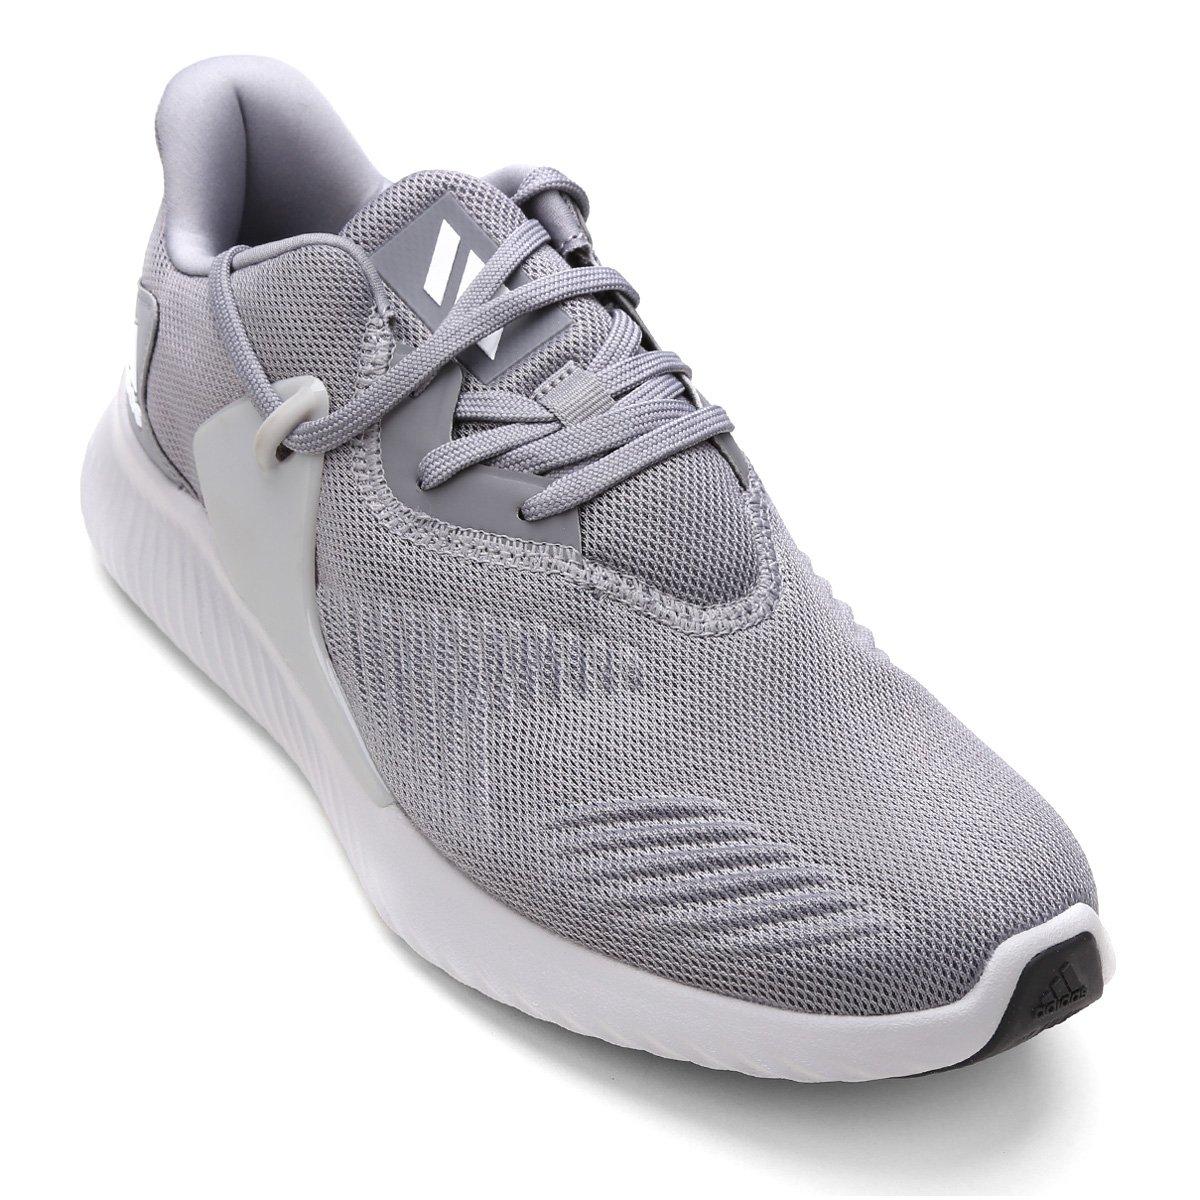 f5e15969018 Tênis Adidas Alphabounce Rc 2 Feminino - Cinza - Compre Agora